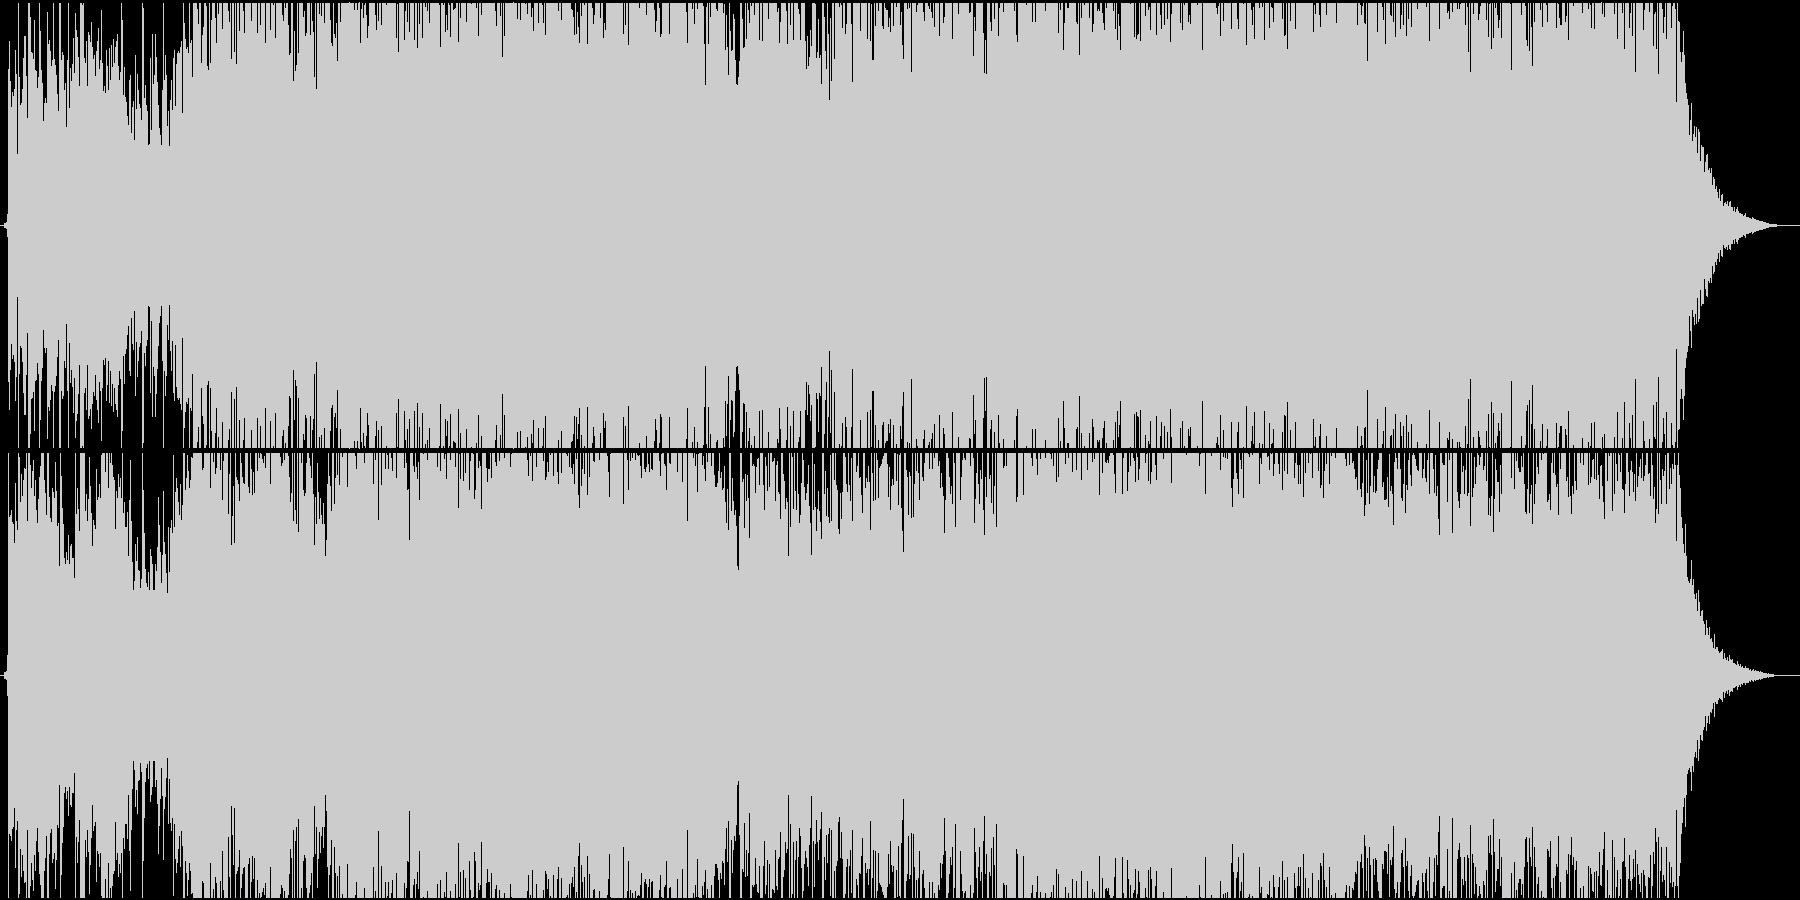 ビンテージのロックバンドトラックの未再生の波形